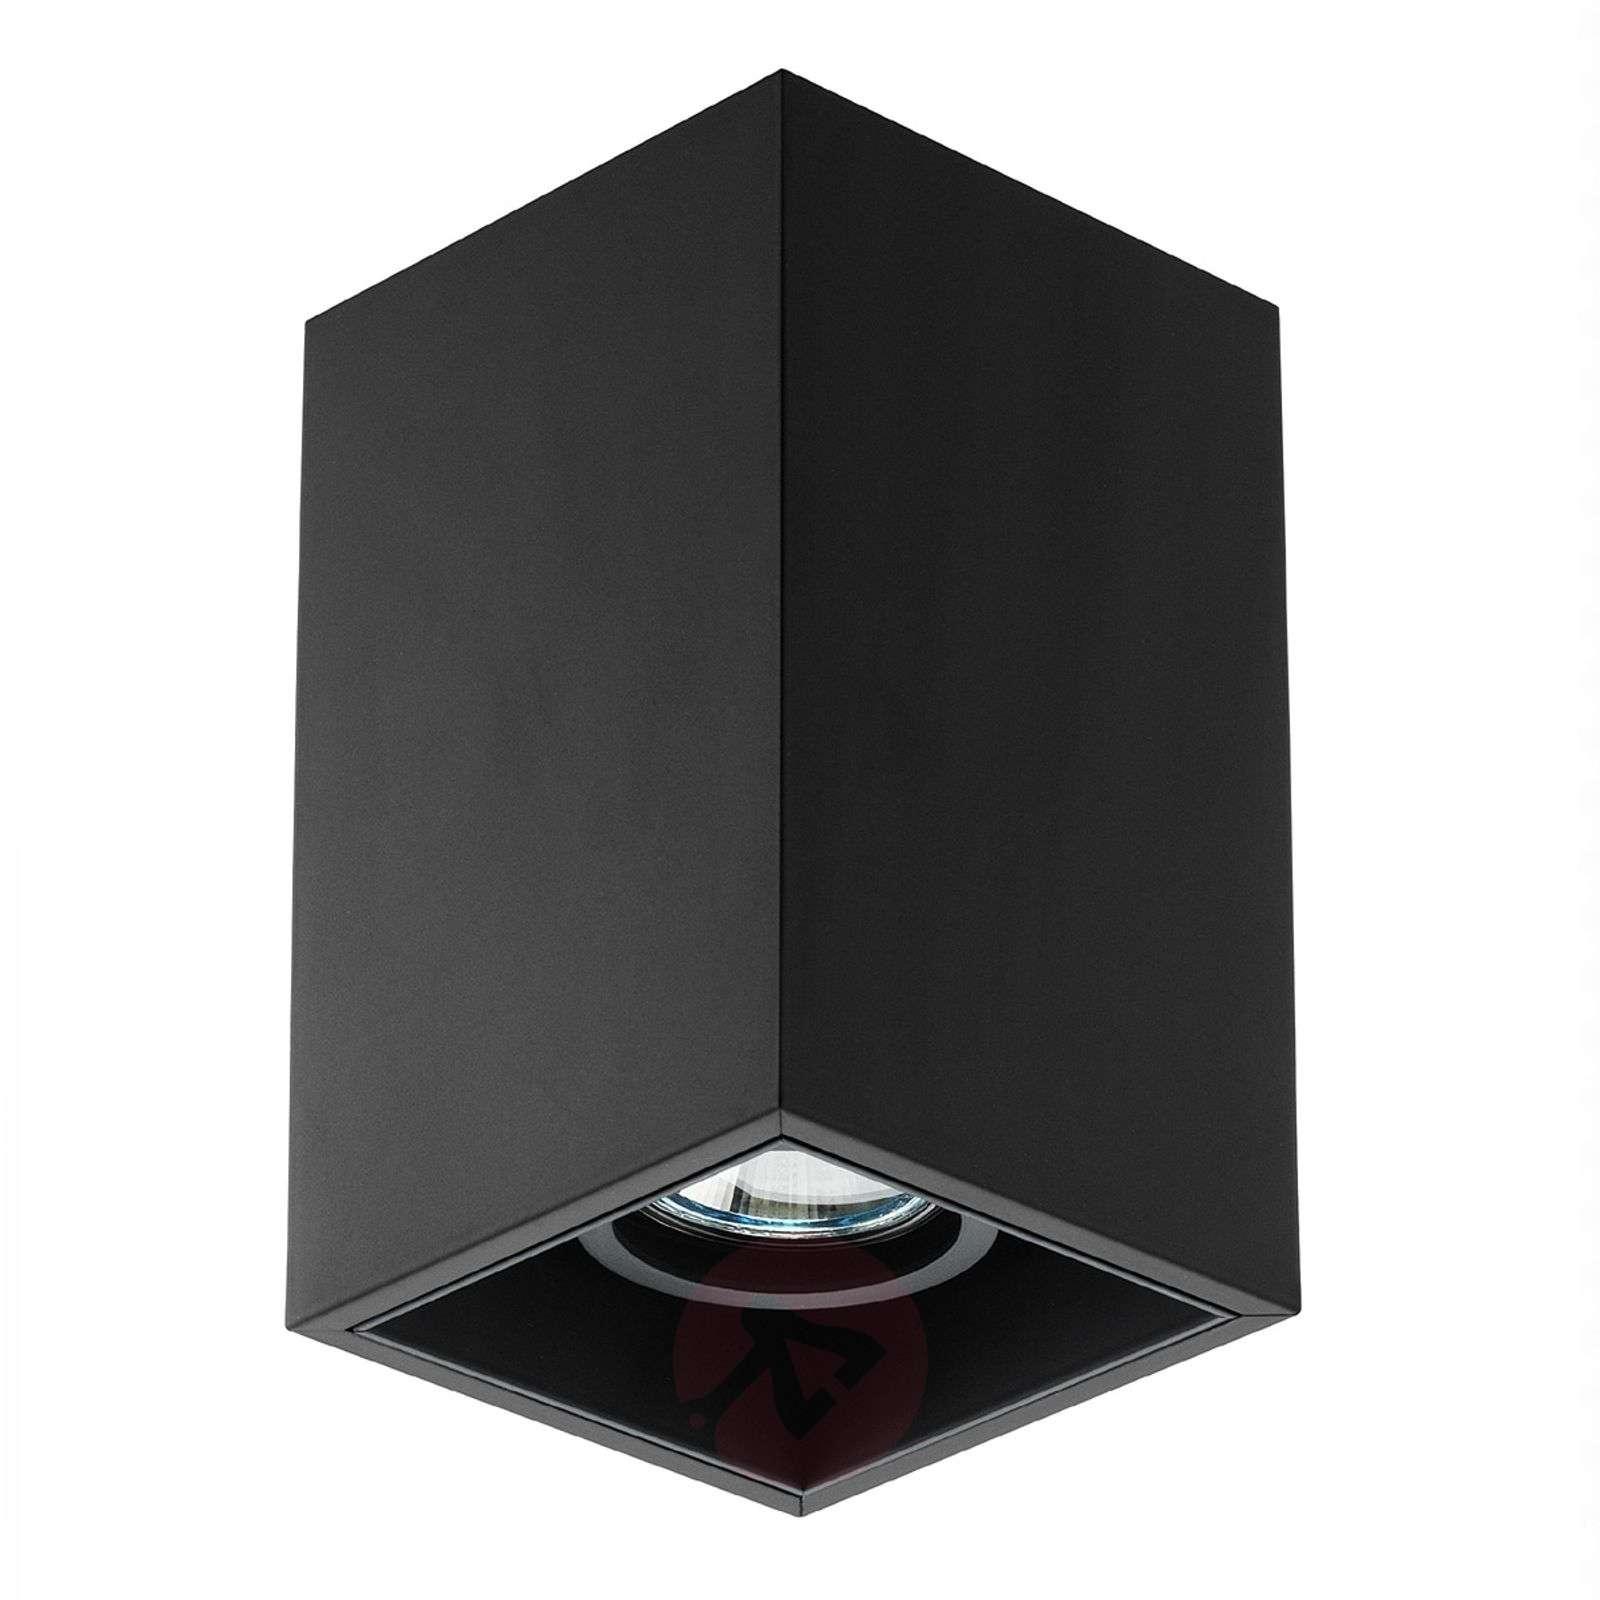 1-lamppuinen Compass Box S-kattovalaisin FLOSilta-3510235X-02